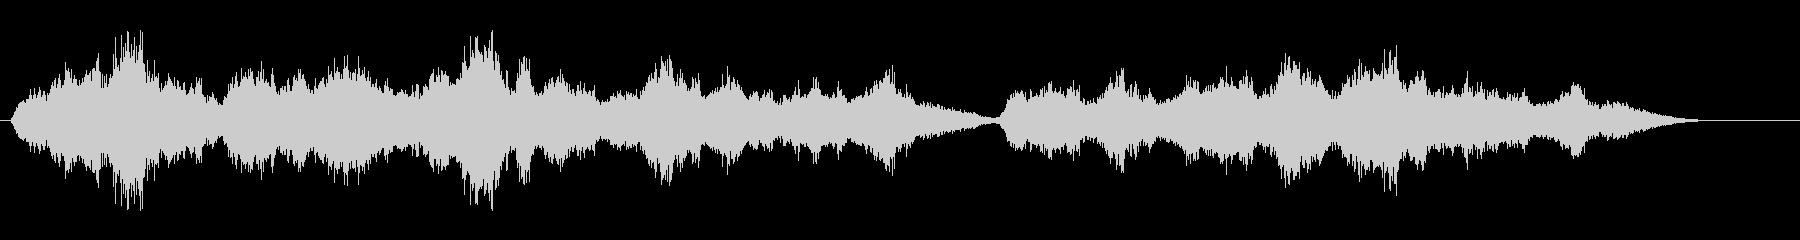 マスカーニのカヴァレリア・ルスティカーナの未再生の波形